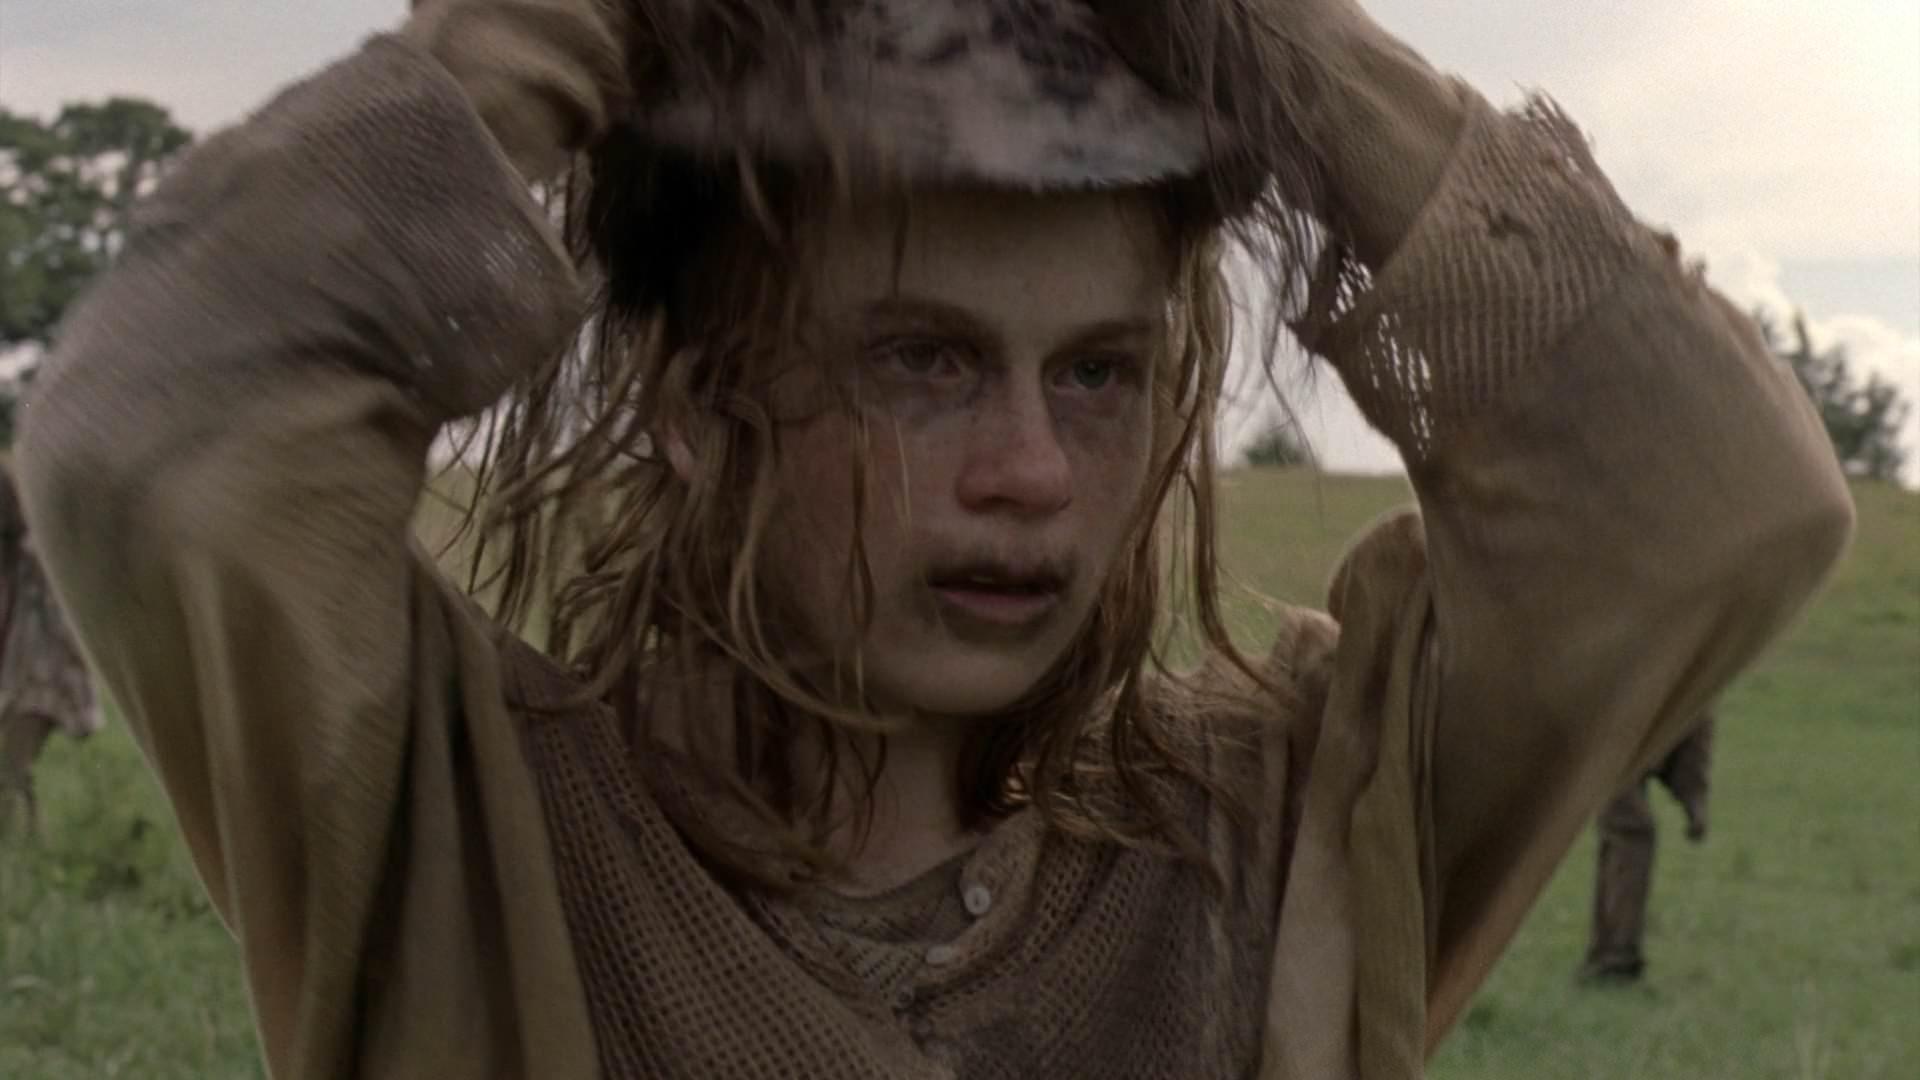 Frances em imagem do episódio